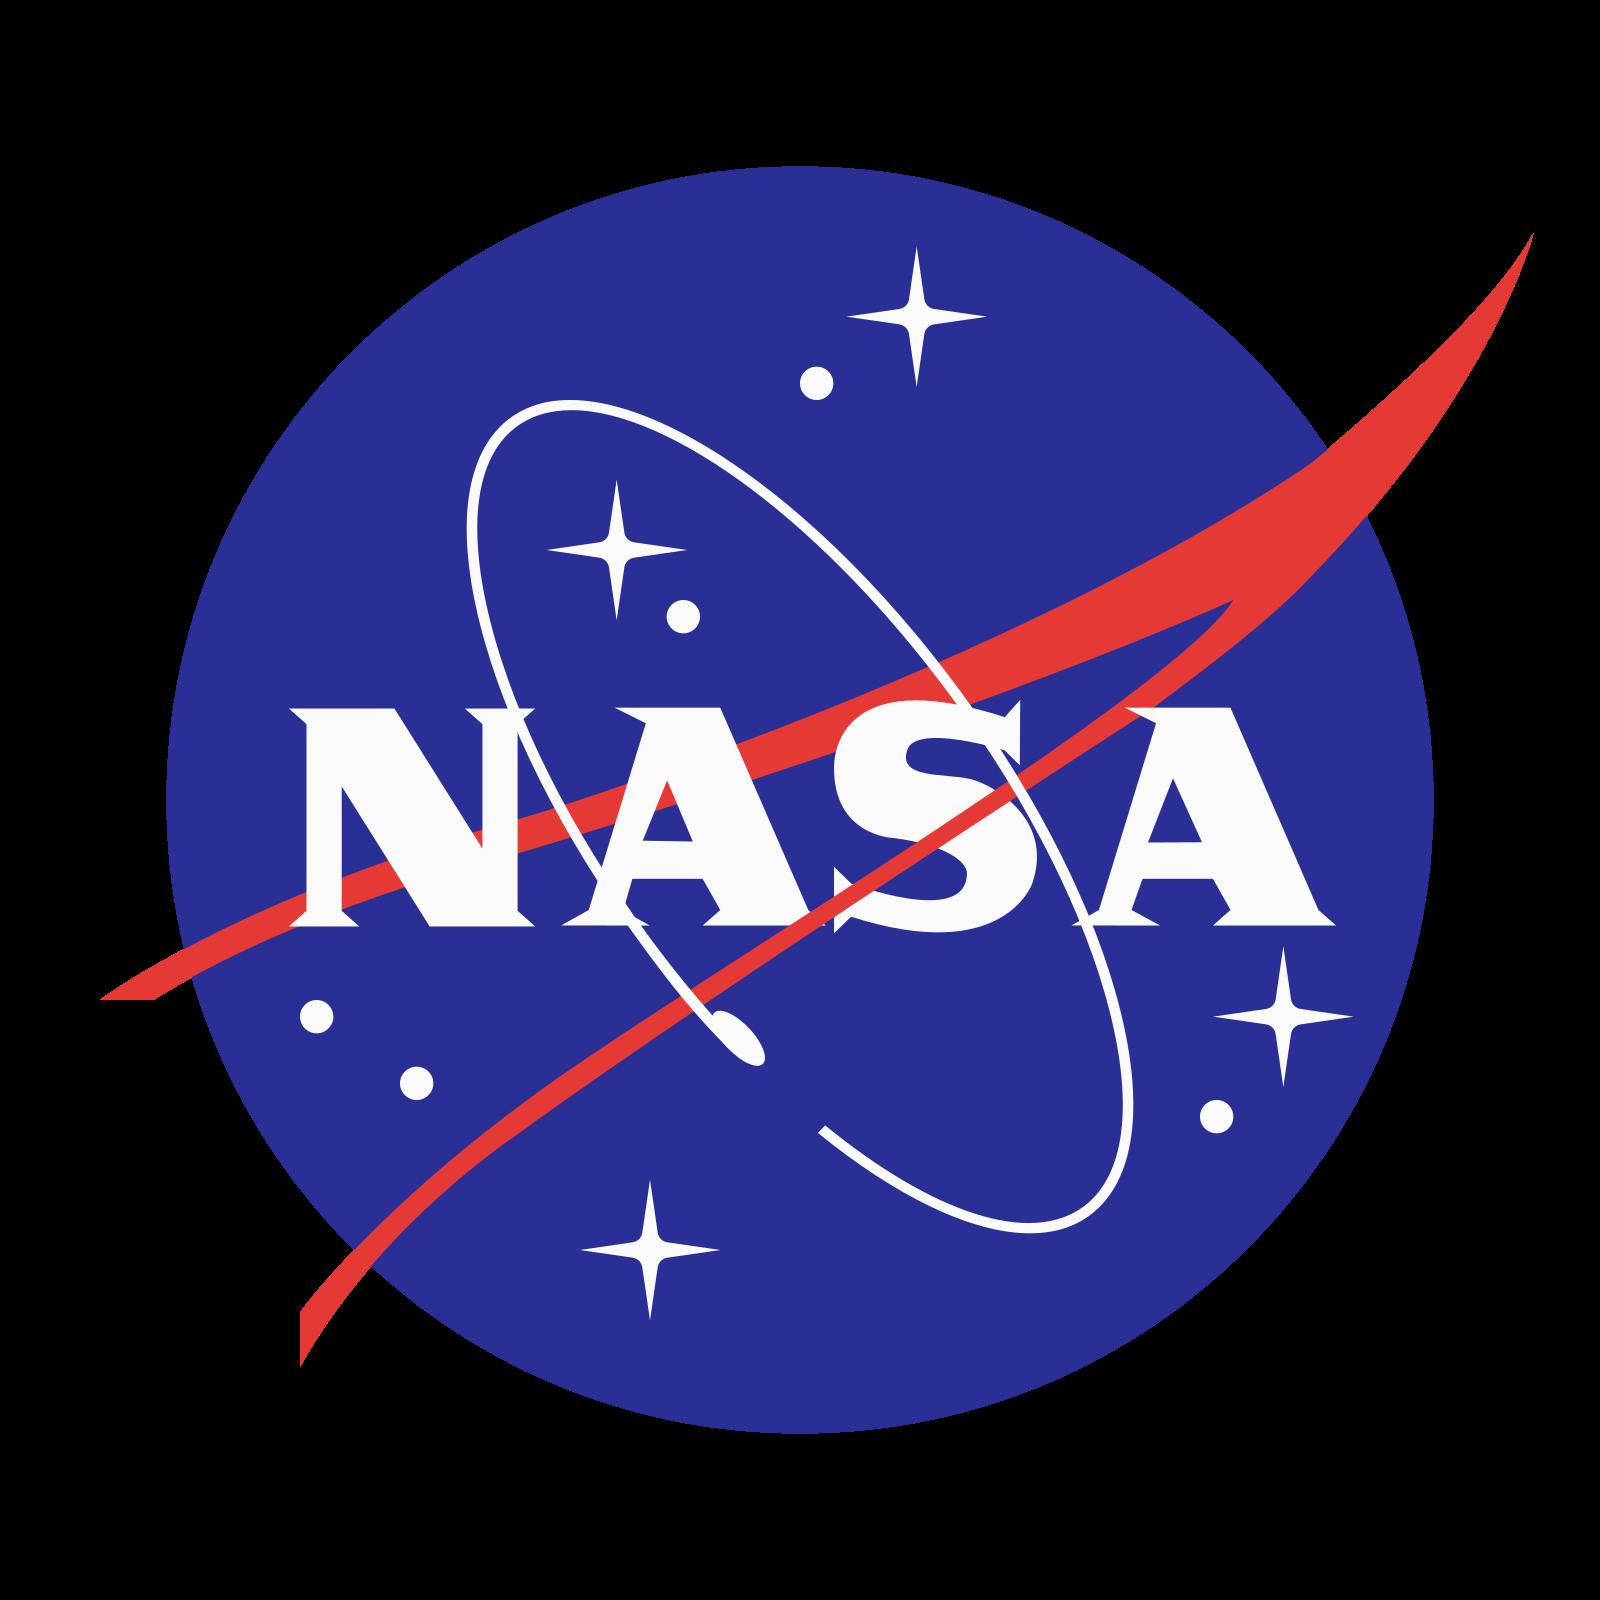 НАСА icon